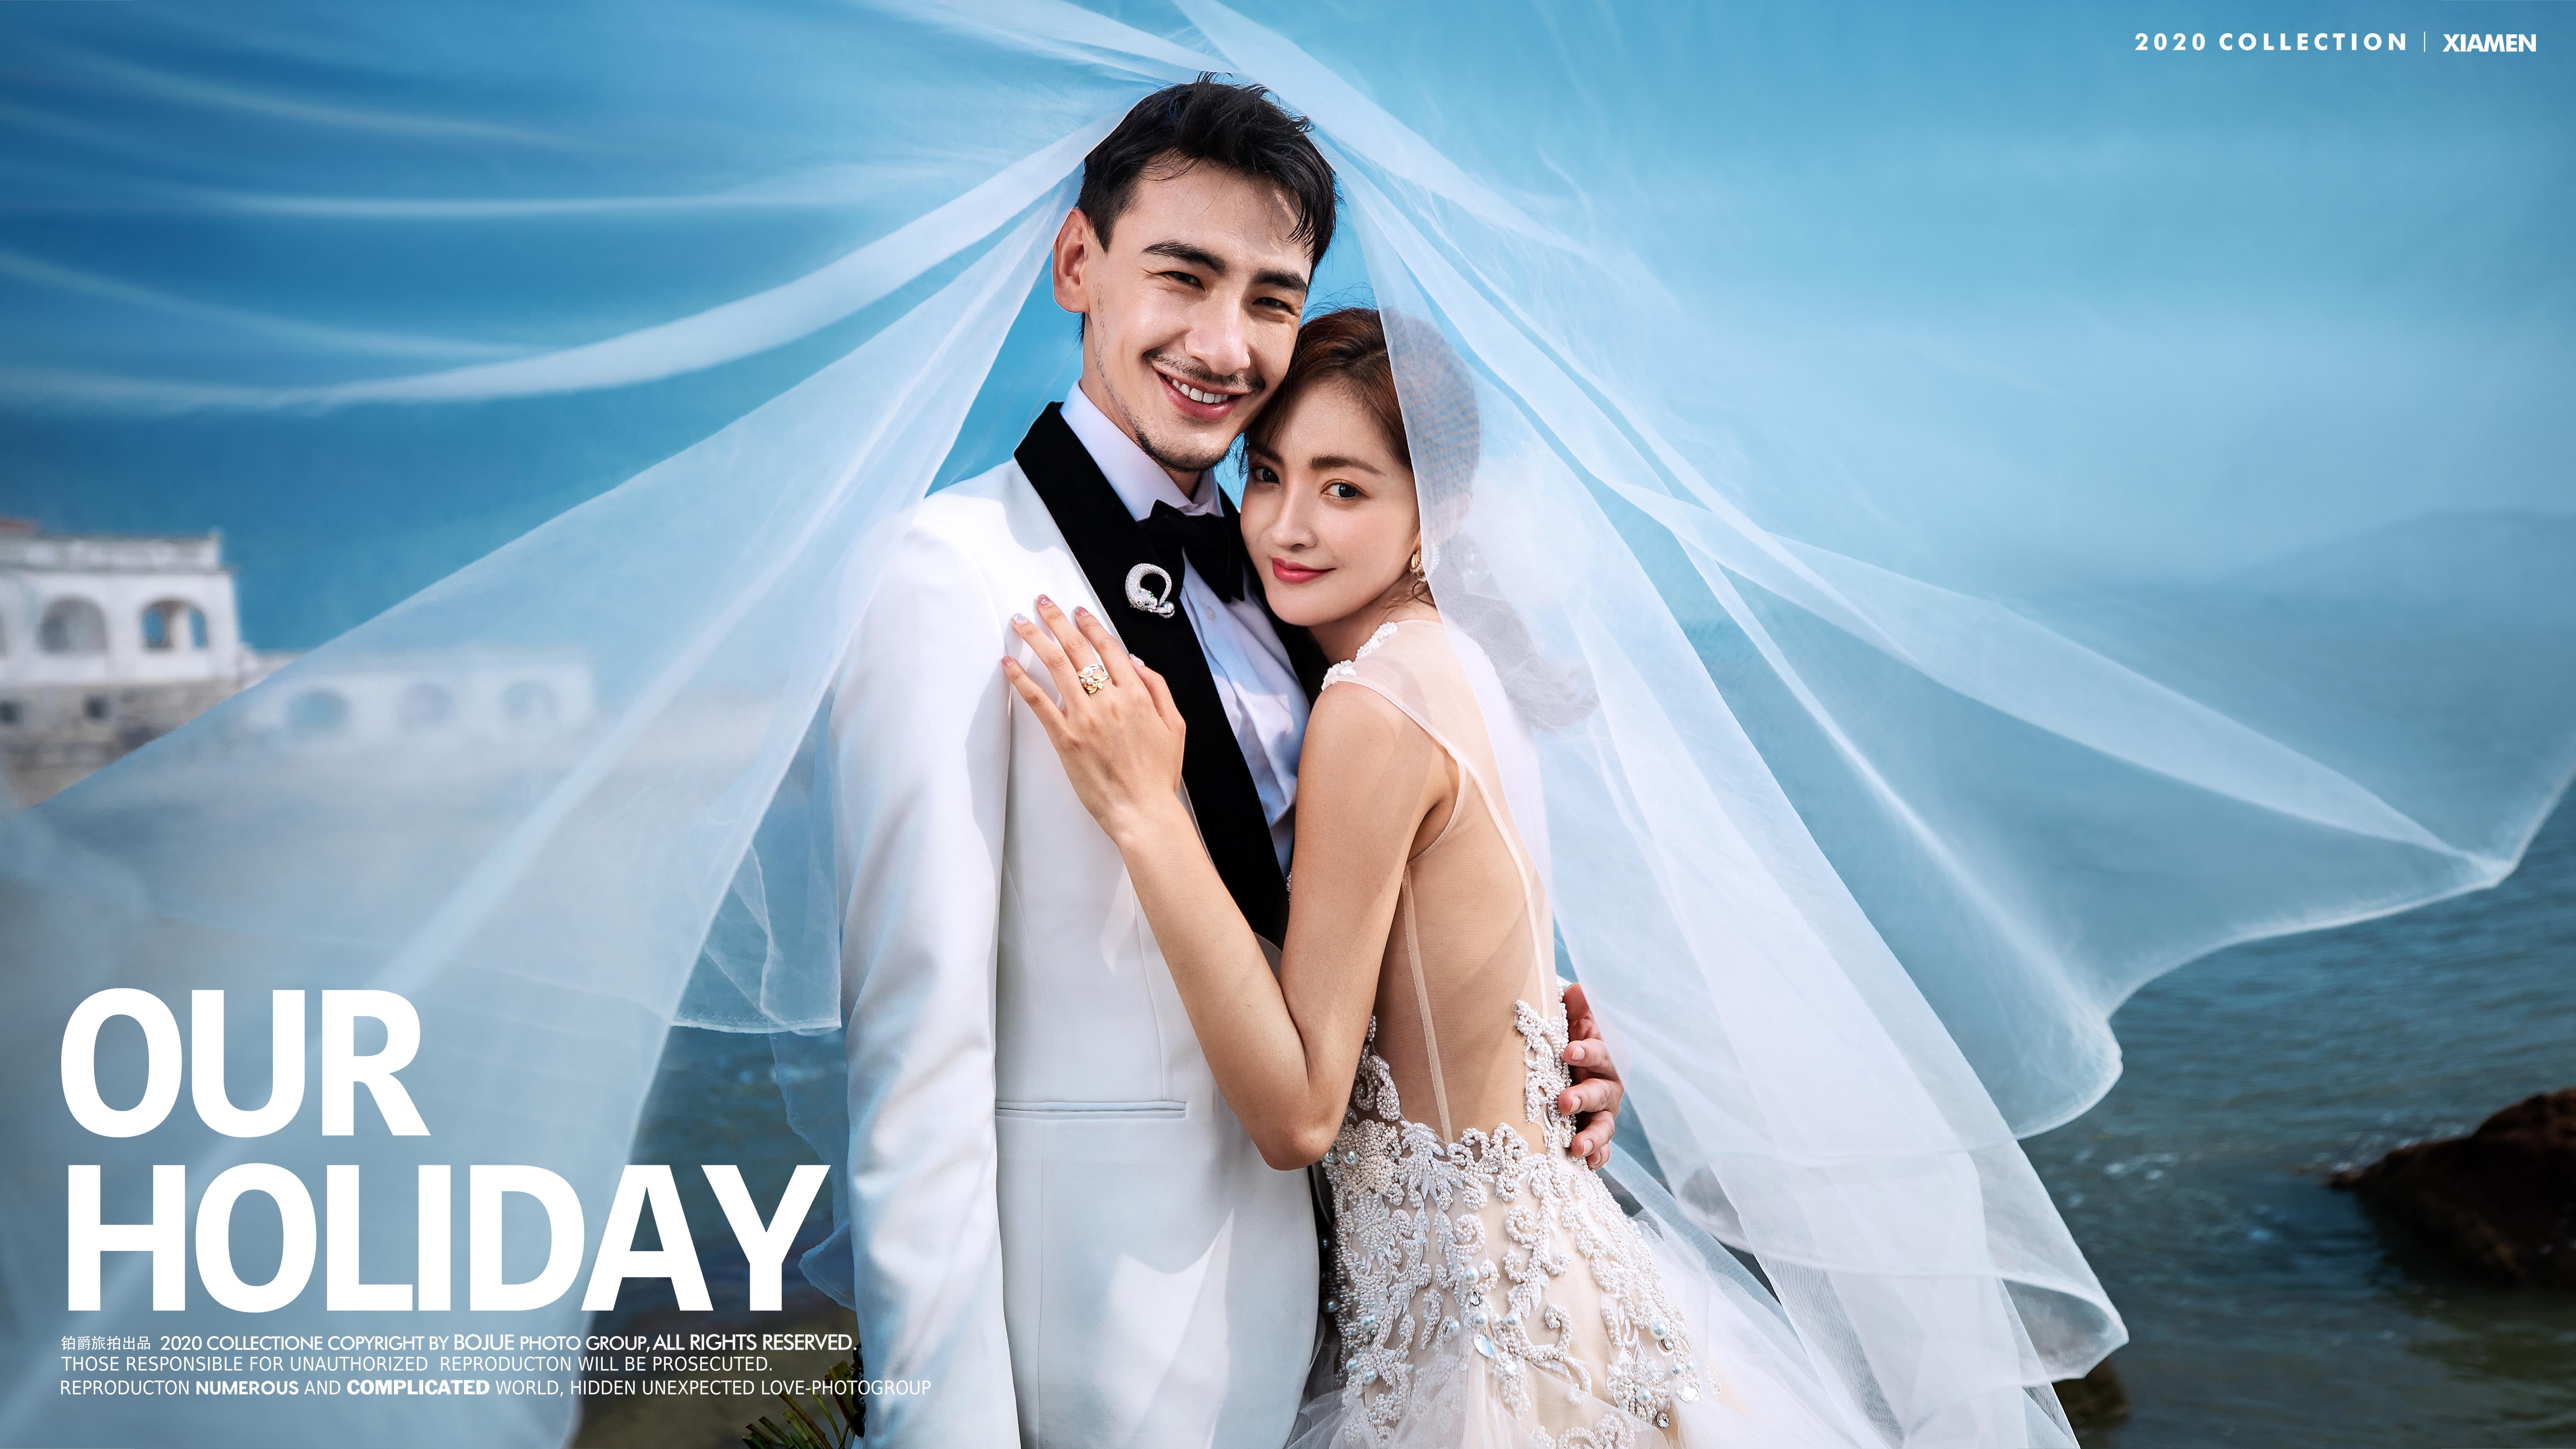 十一月份厦门婚纱摄影人流量怎么样 影响厦门婚纱照价格的因素是什么